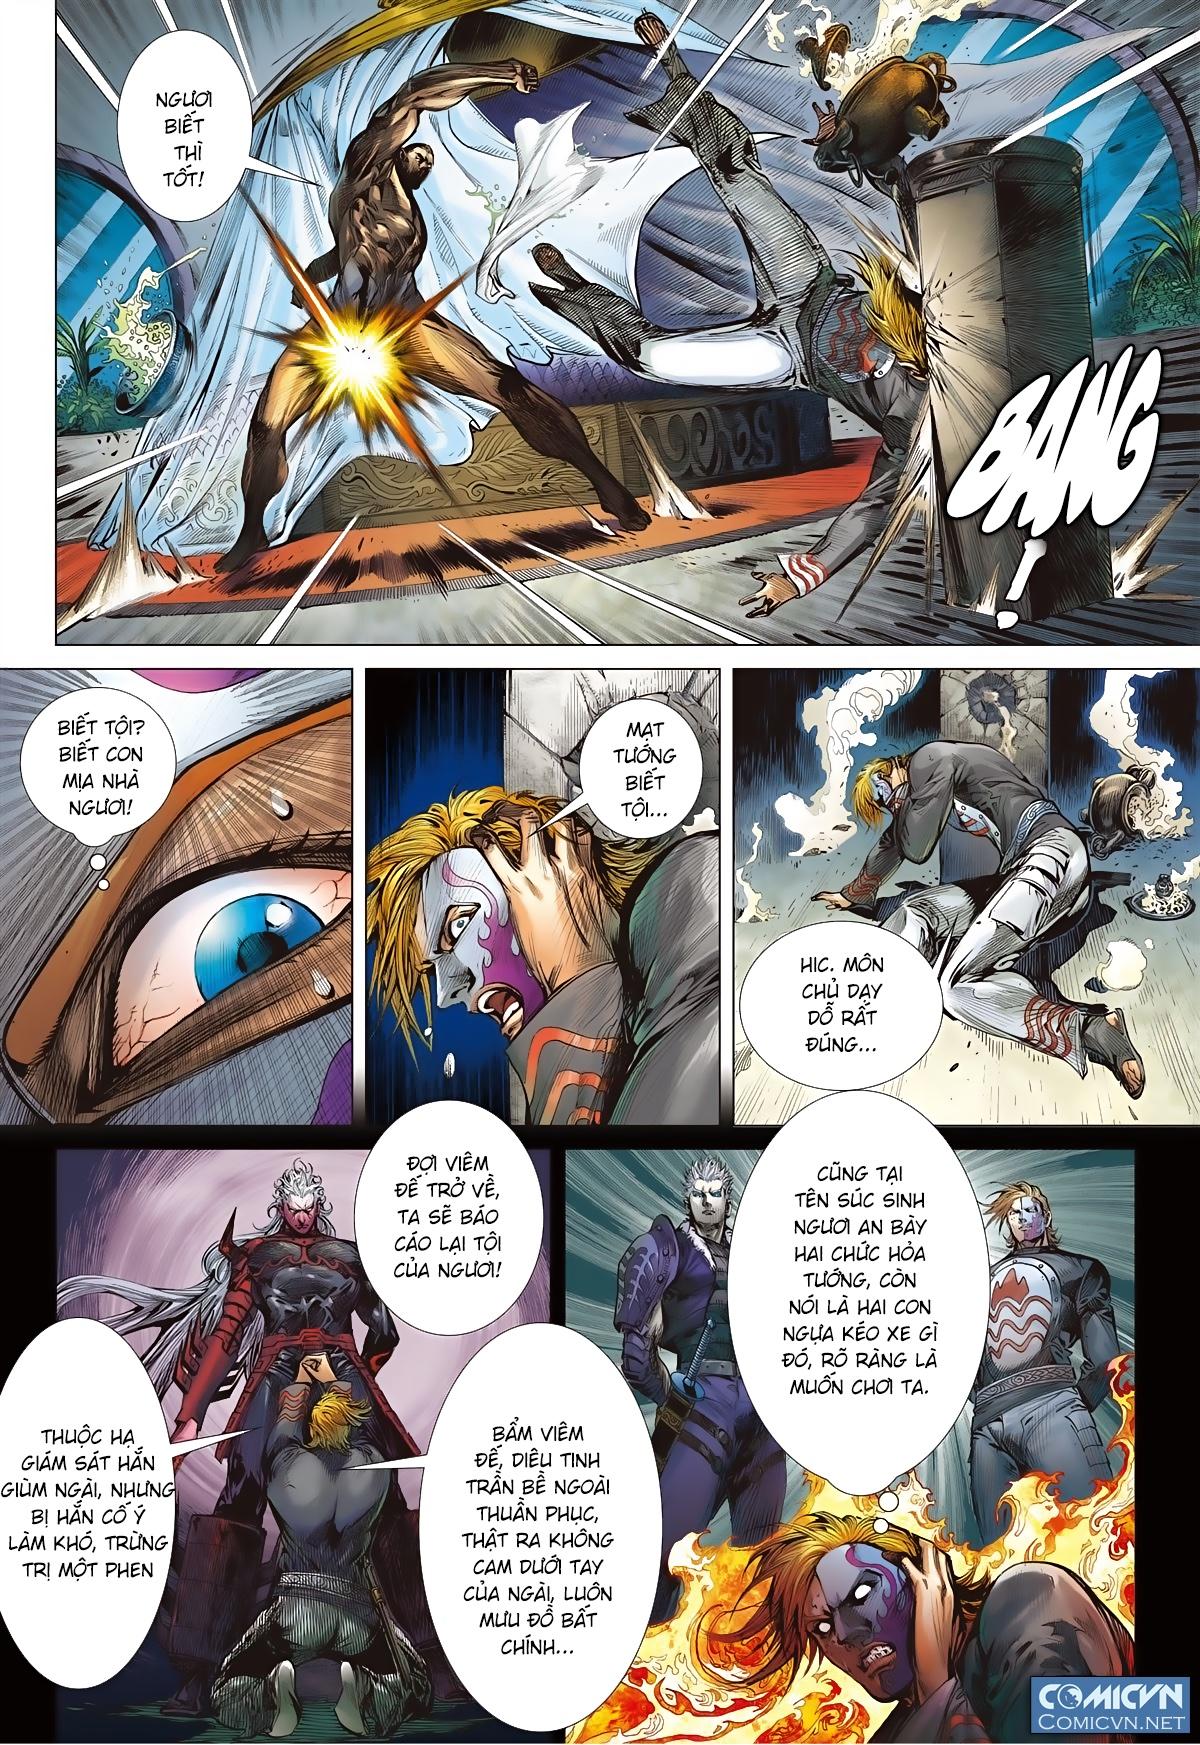 Sơn Hải Nghịch Chiến Chap 81 - Trang 4